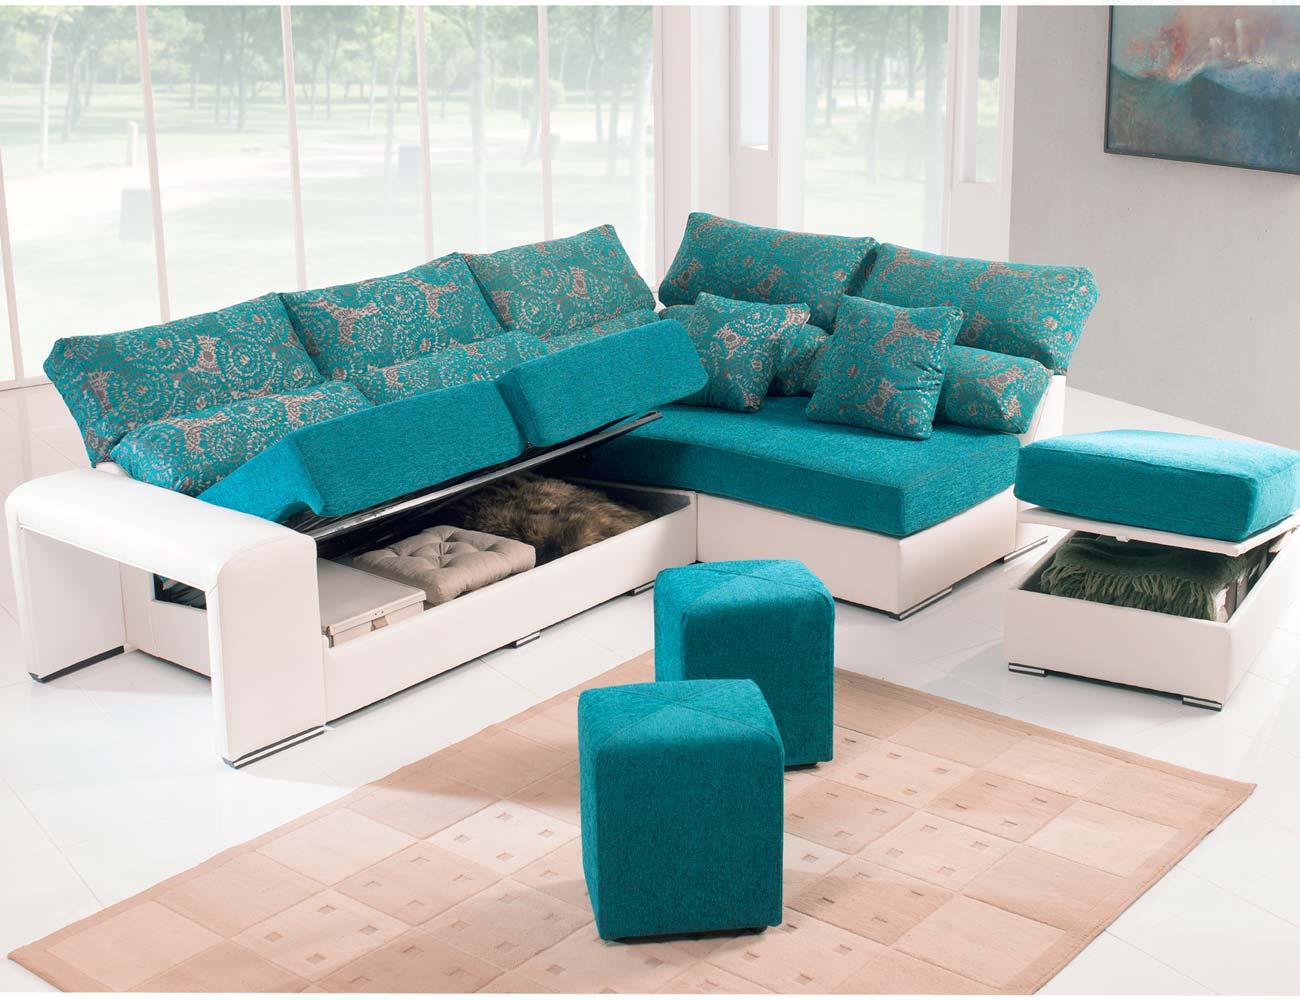 Sofa chaiselongue rincon puff arcon taburete29